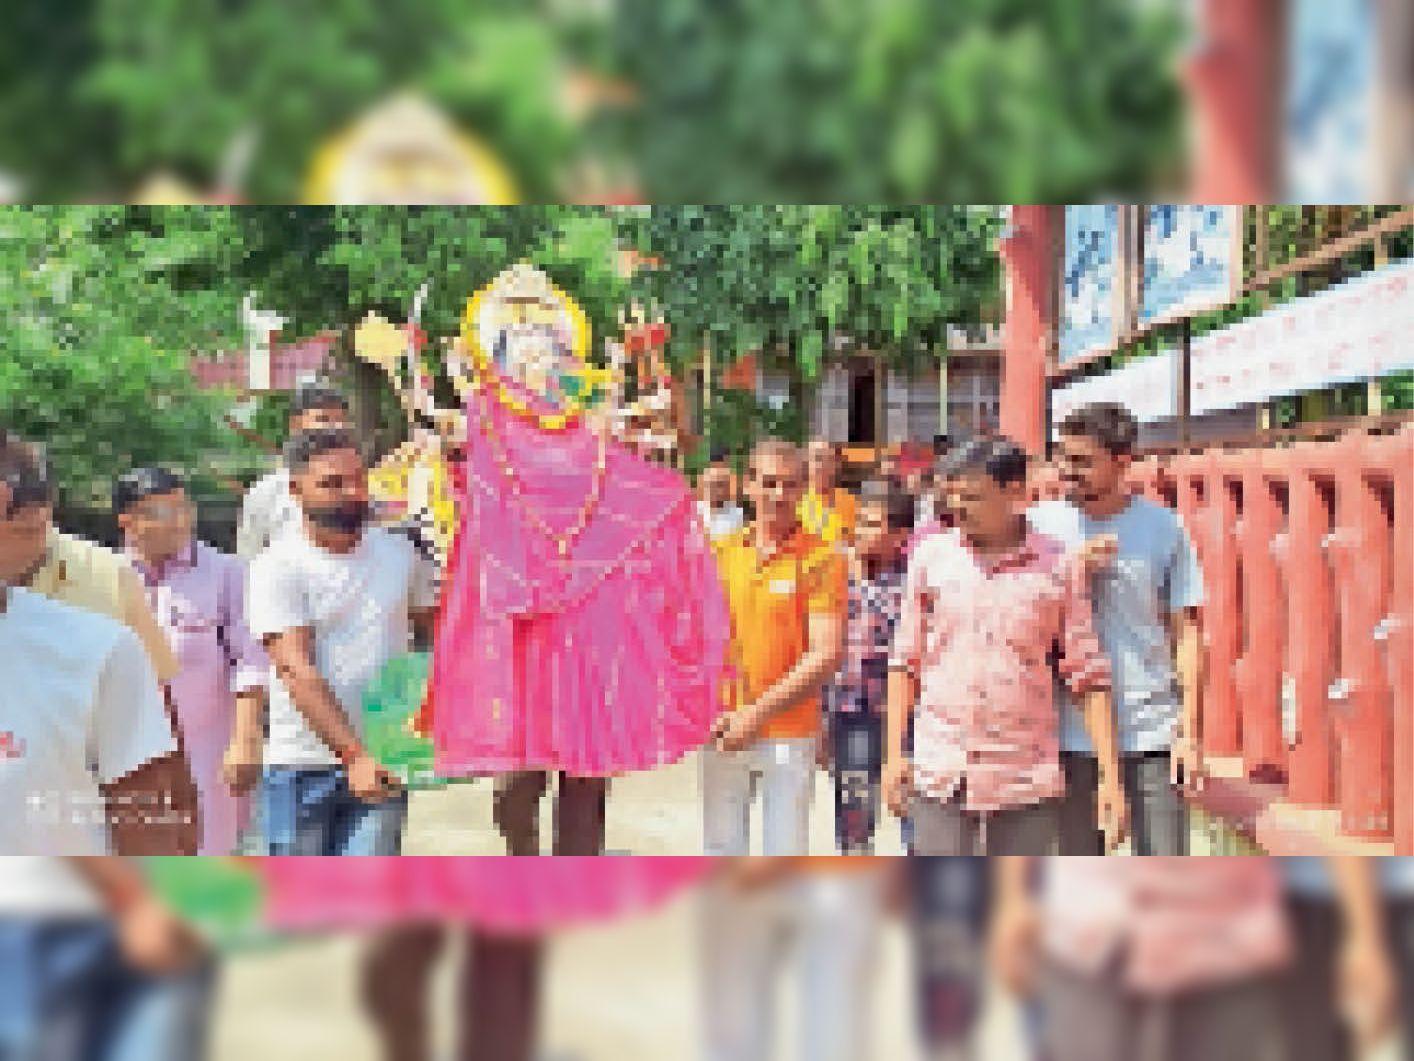 नवरात्र के अवसर पर पहले दिन अंबे मां की मूर्ति स्थापना के लिए ले जाते हुए - Dainik Bhaskar